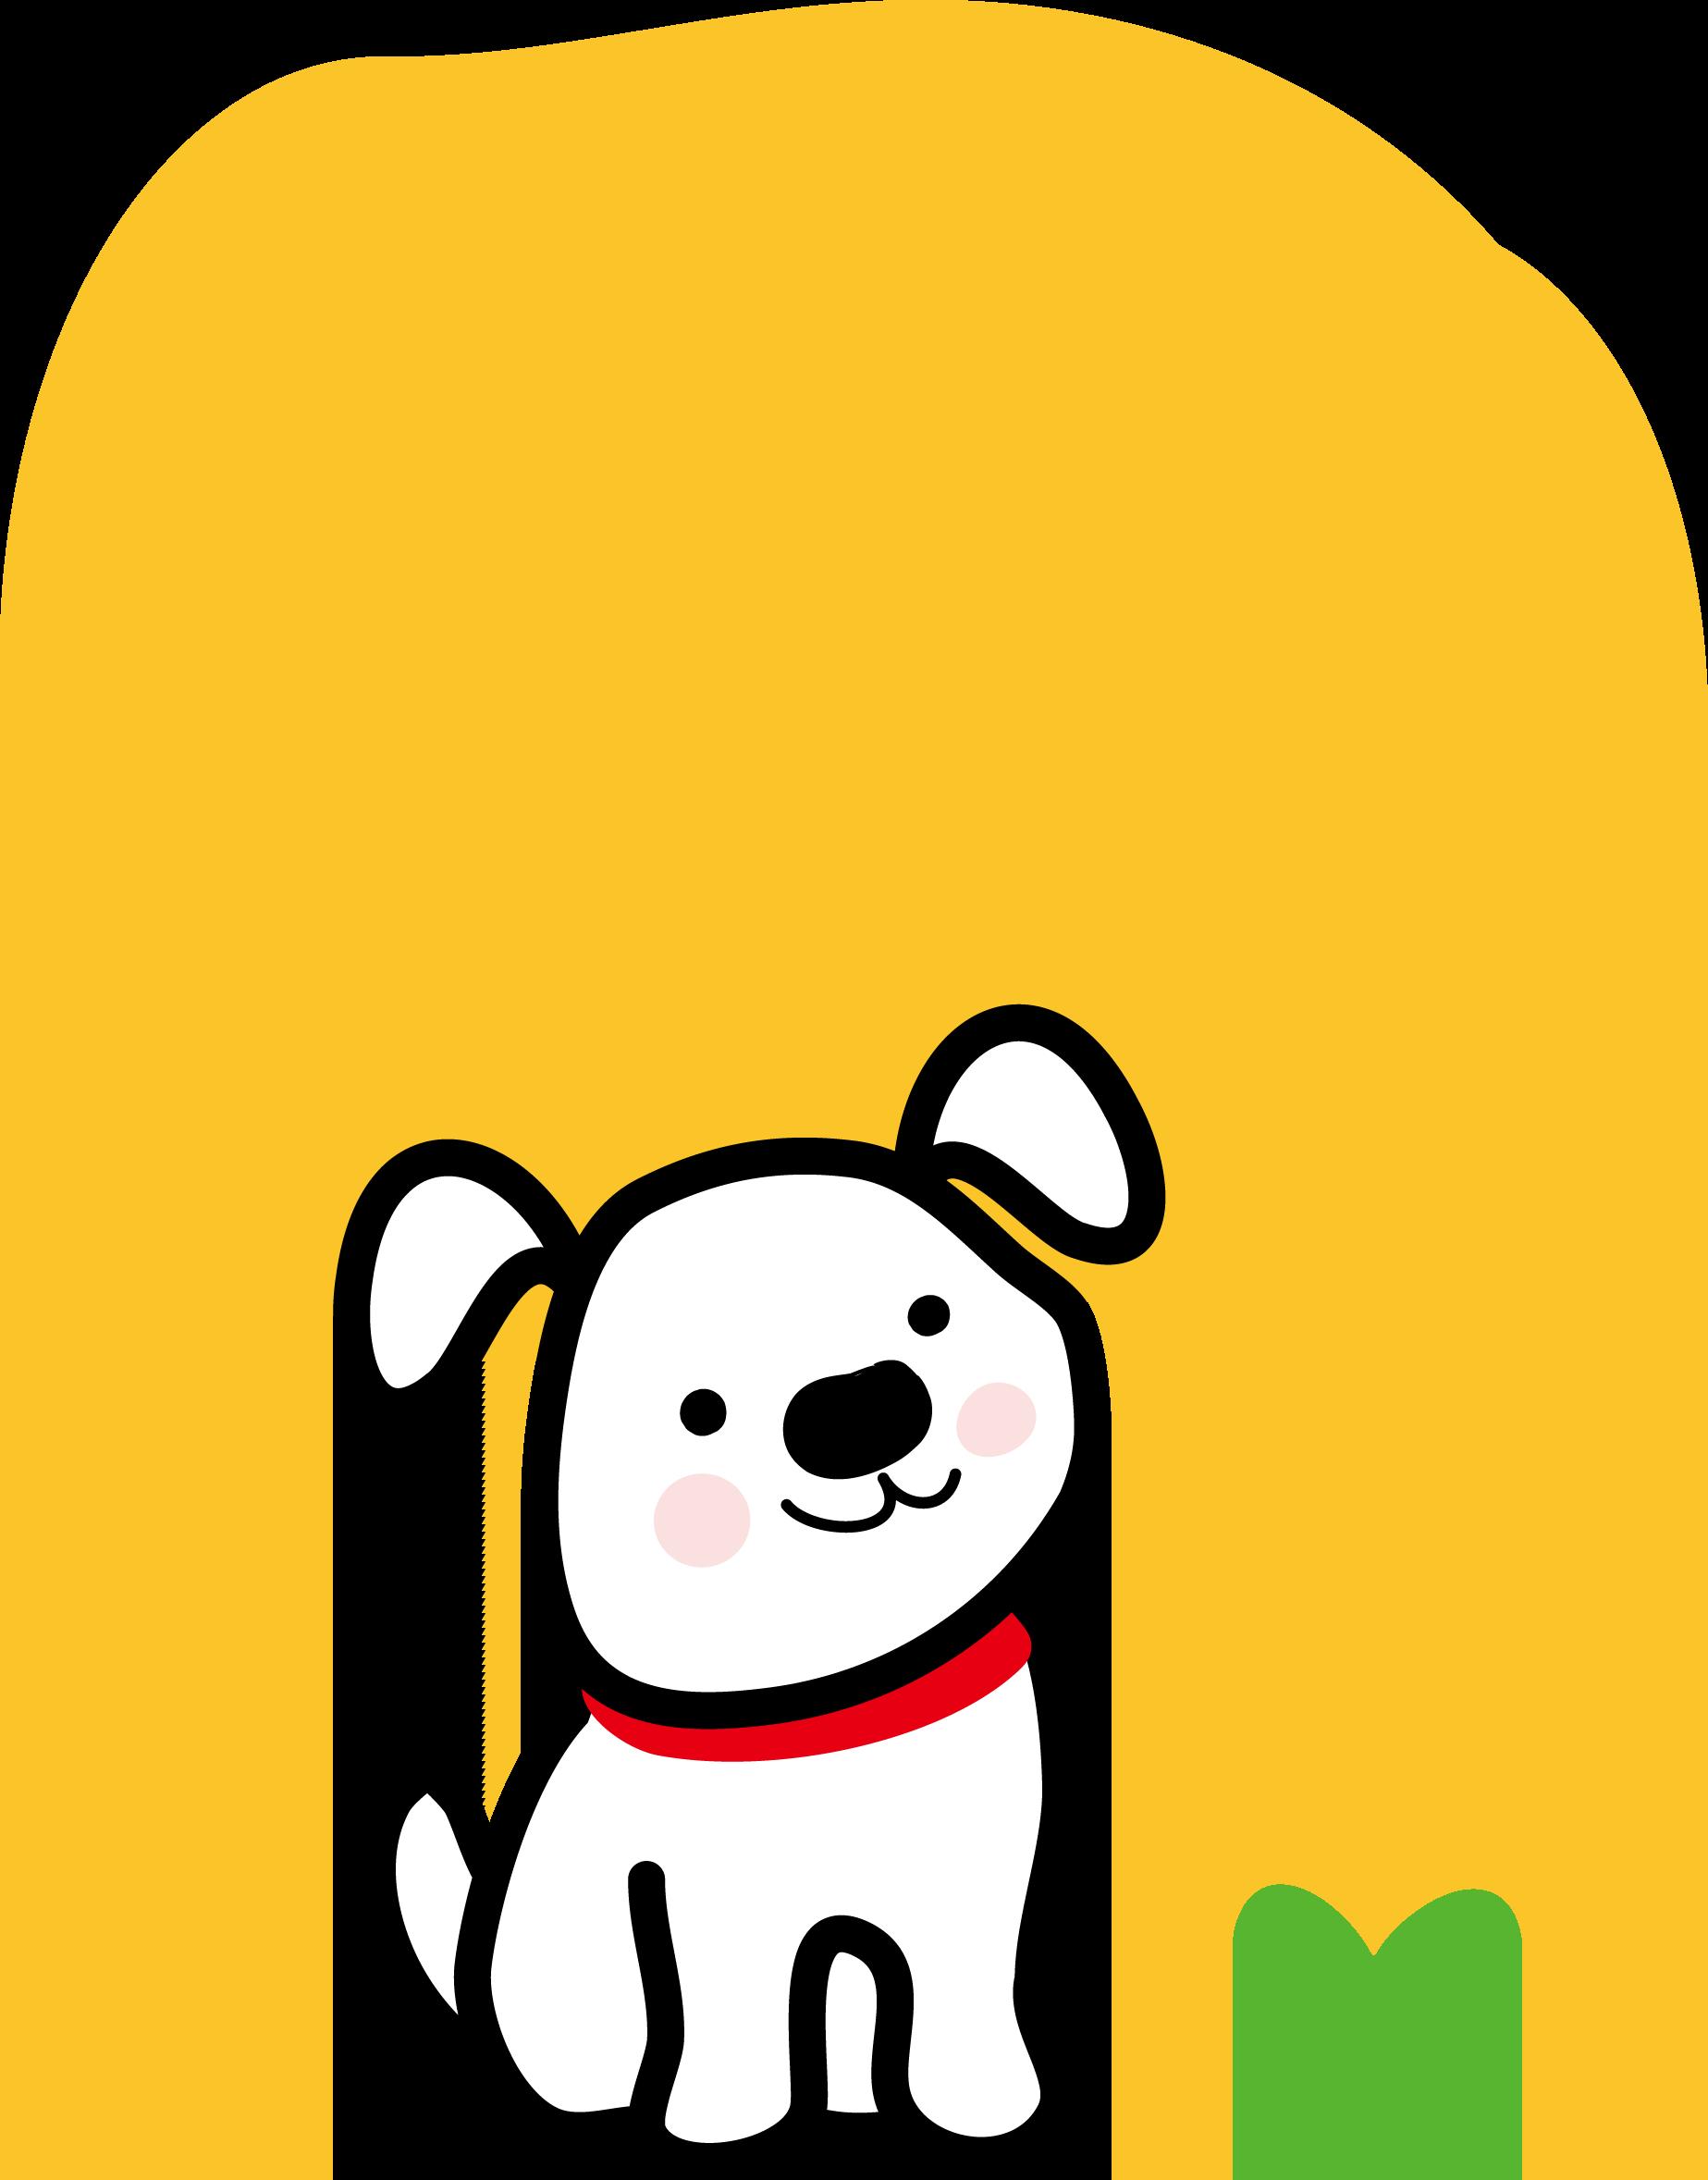 肥猫囹�a_犬|[組圖+影片]的最新詳盡資料**(必看!!)-www.go2tutor.com